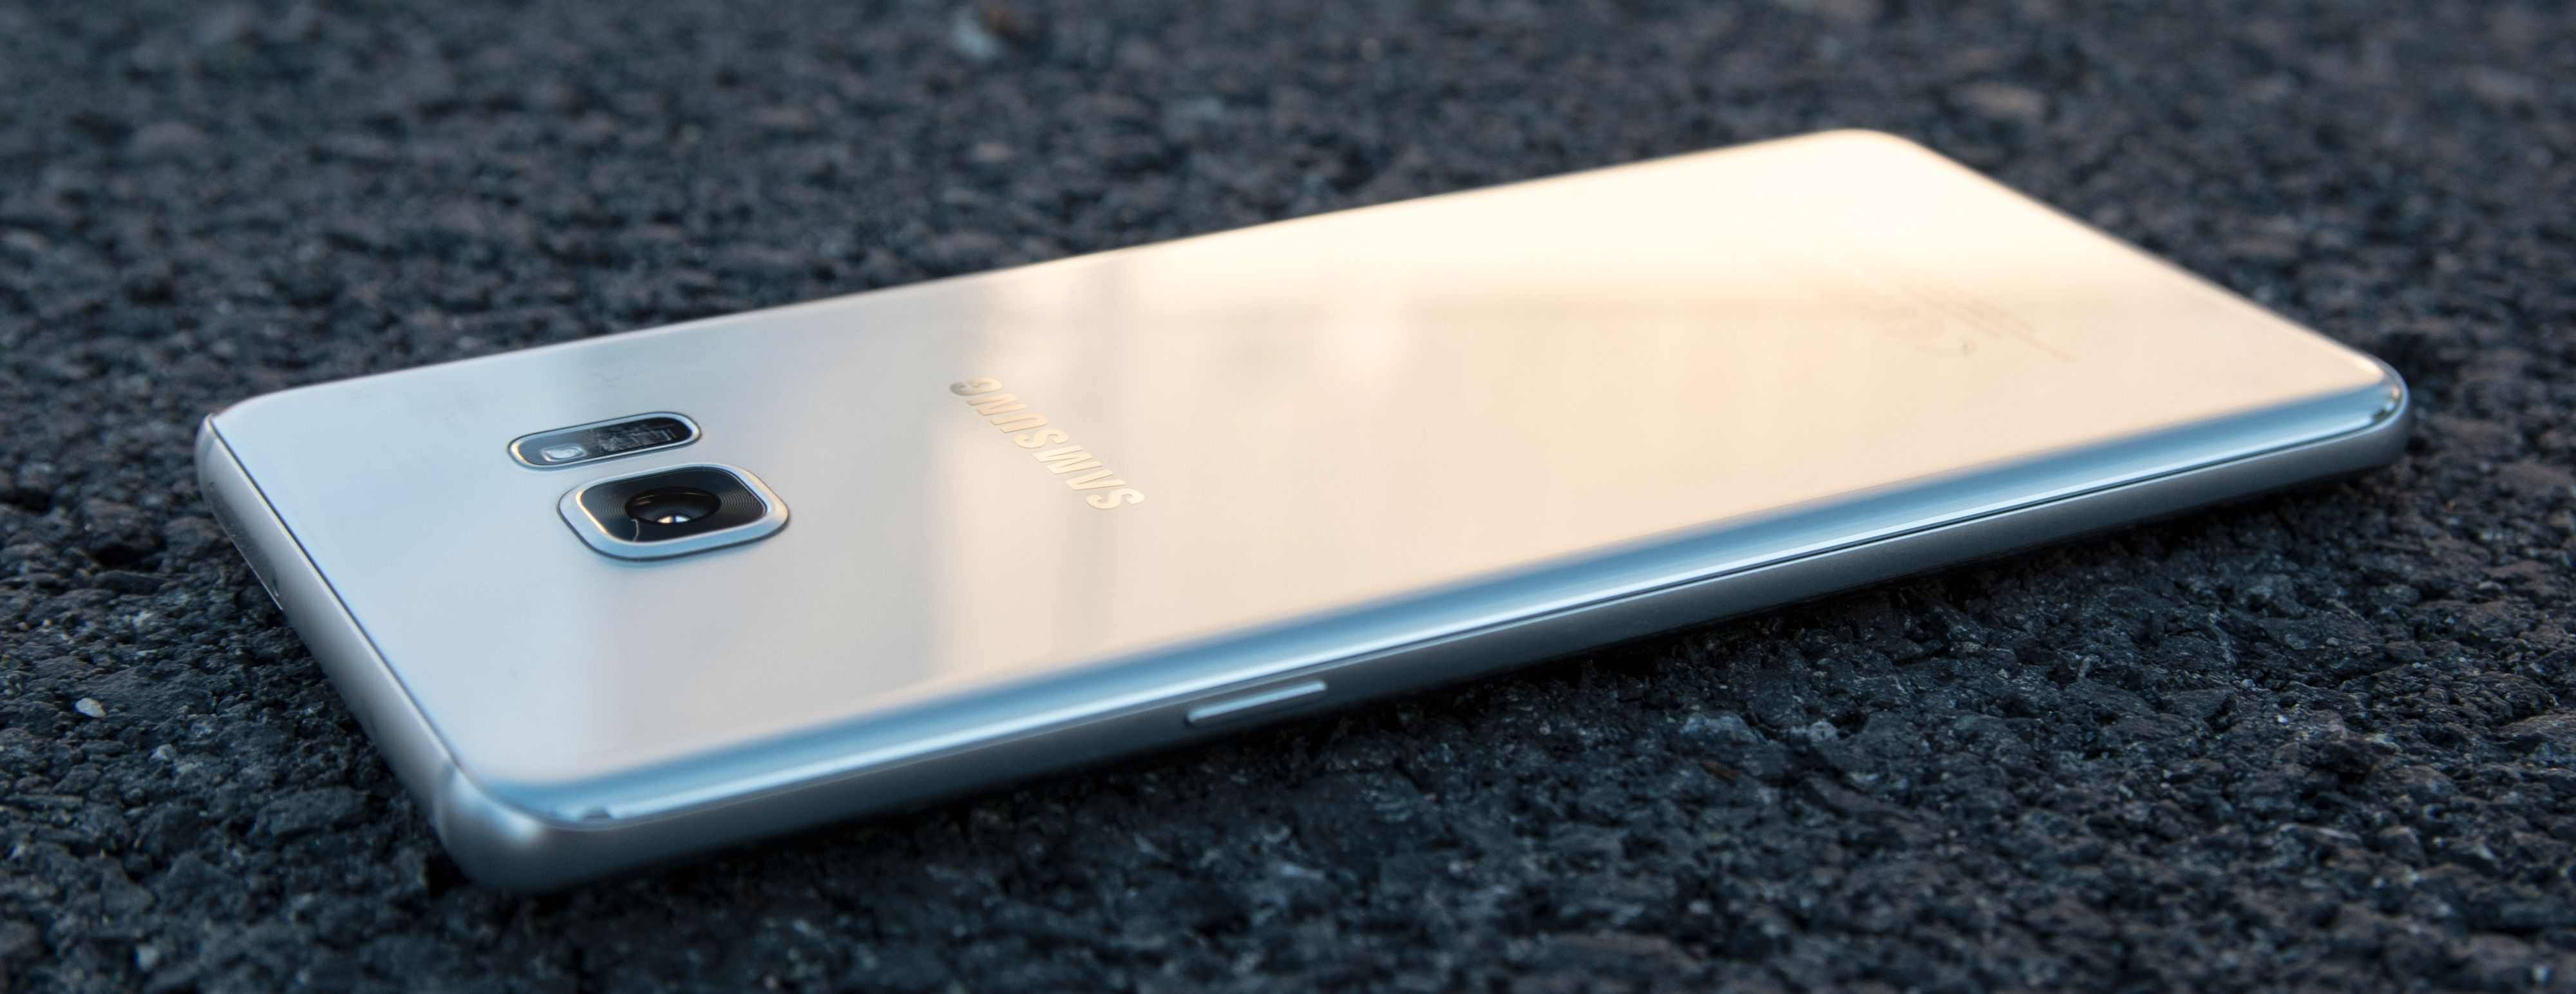 Galaxy Note 7 kommer i en ekstremt blank sølvvariant, som er den vi har brukt mest under testen. Den er kjempeflink til å samle fingeravtrykk, men heldigvis er den enkel å pusse ren igjen med et hurtig sveip over jakken eller buksen.